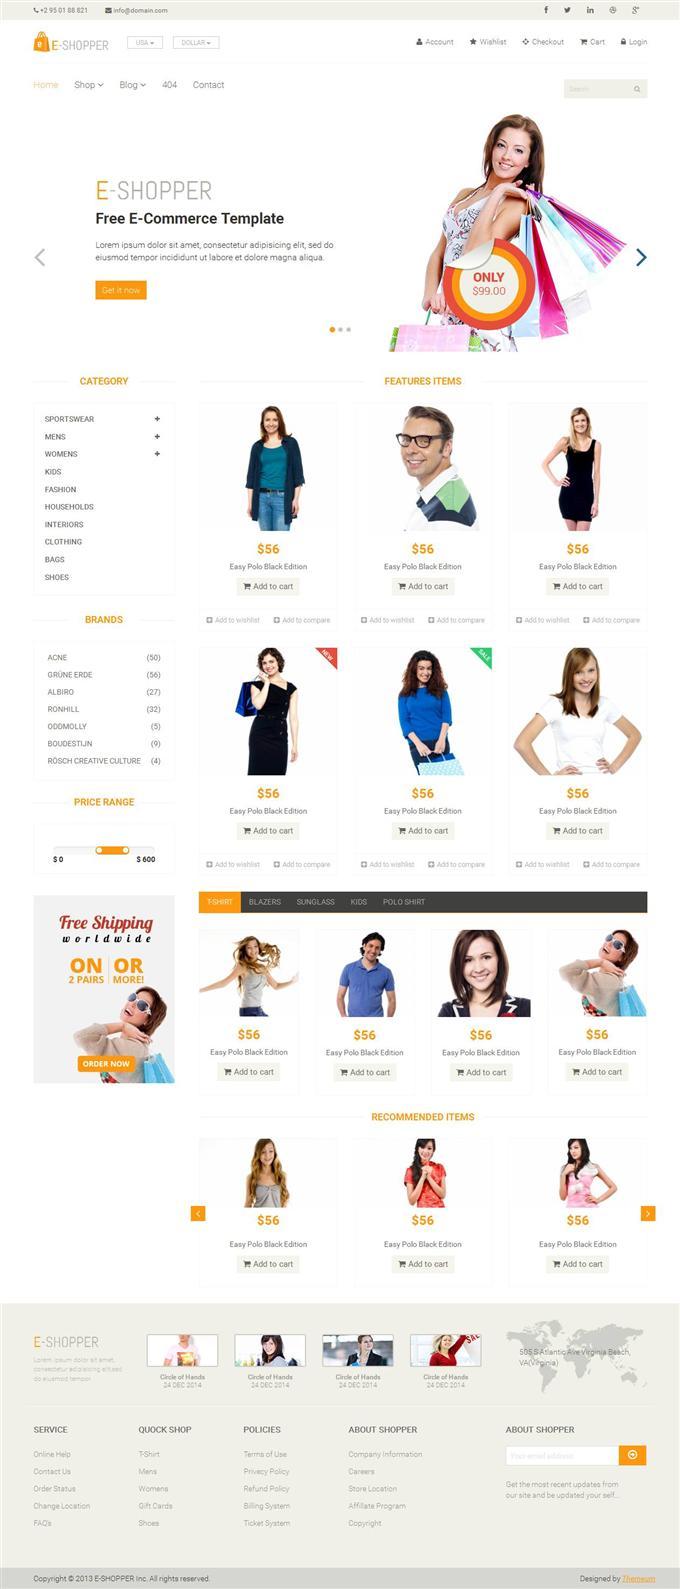 E-Shopper-Ecommerce-Blogger-Template-Custom - 60+ Top Free Ecommerce Blogger Templates [year]